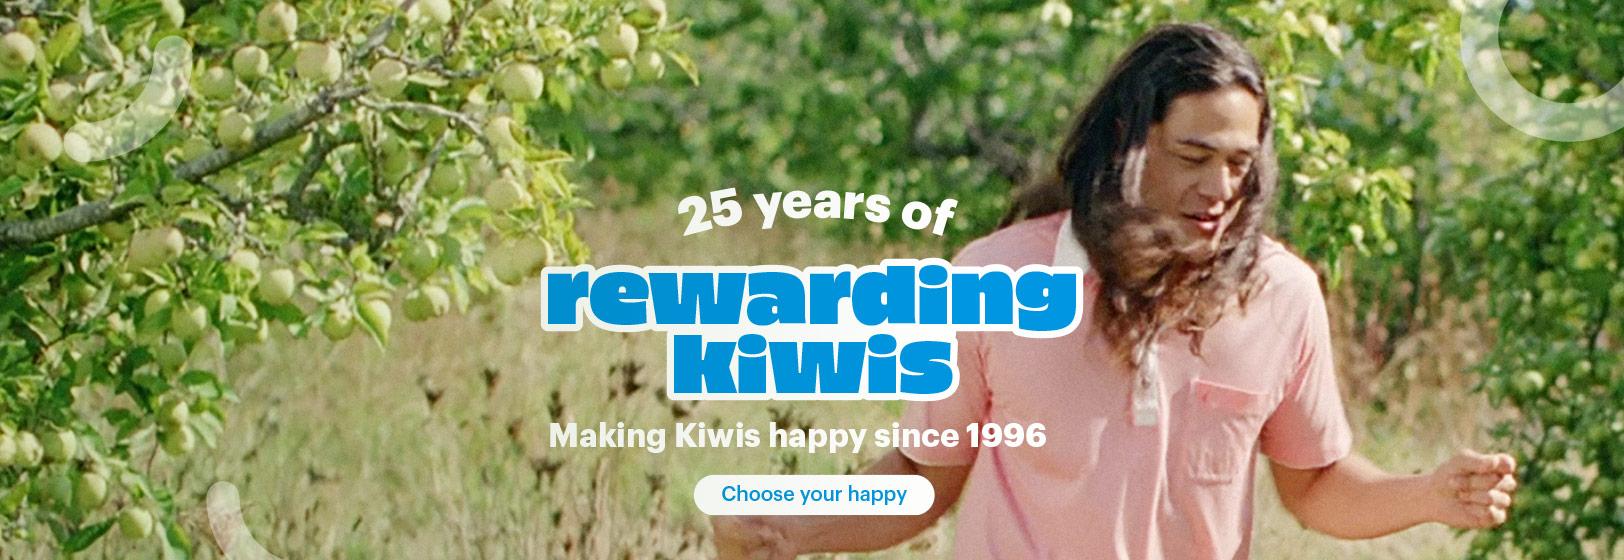 25 years of Rewarding Kiwis